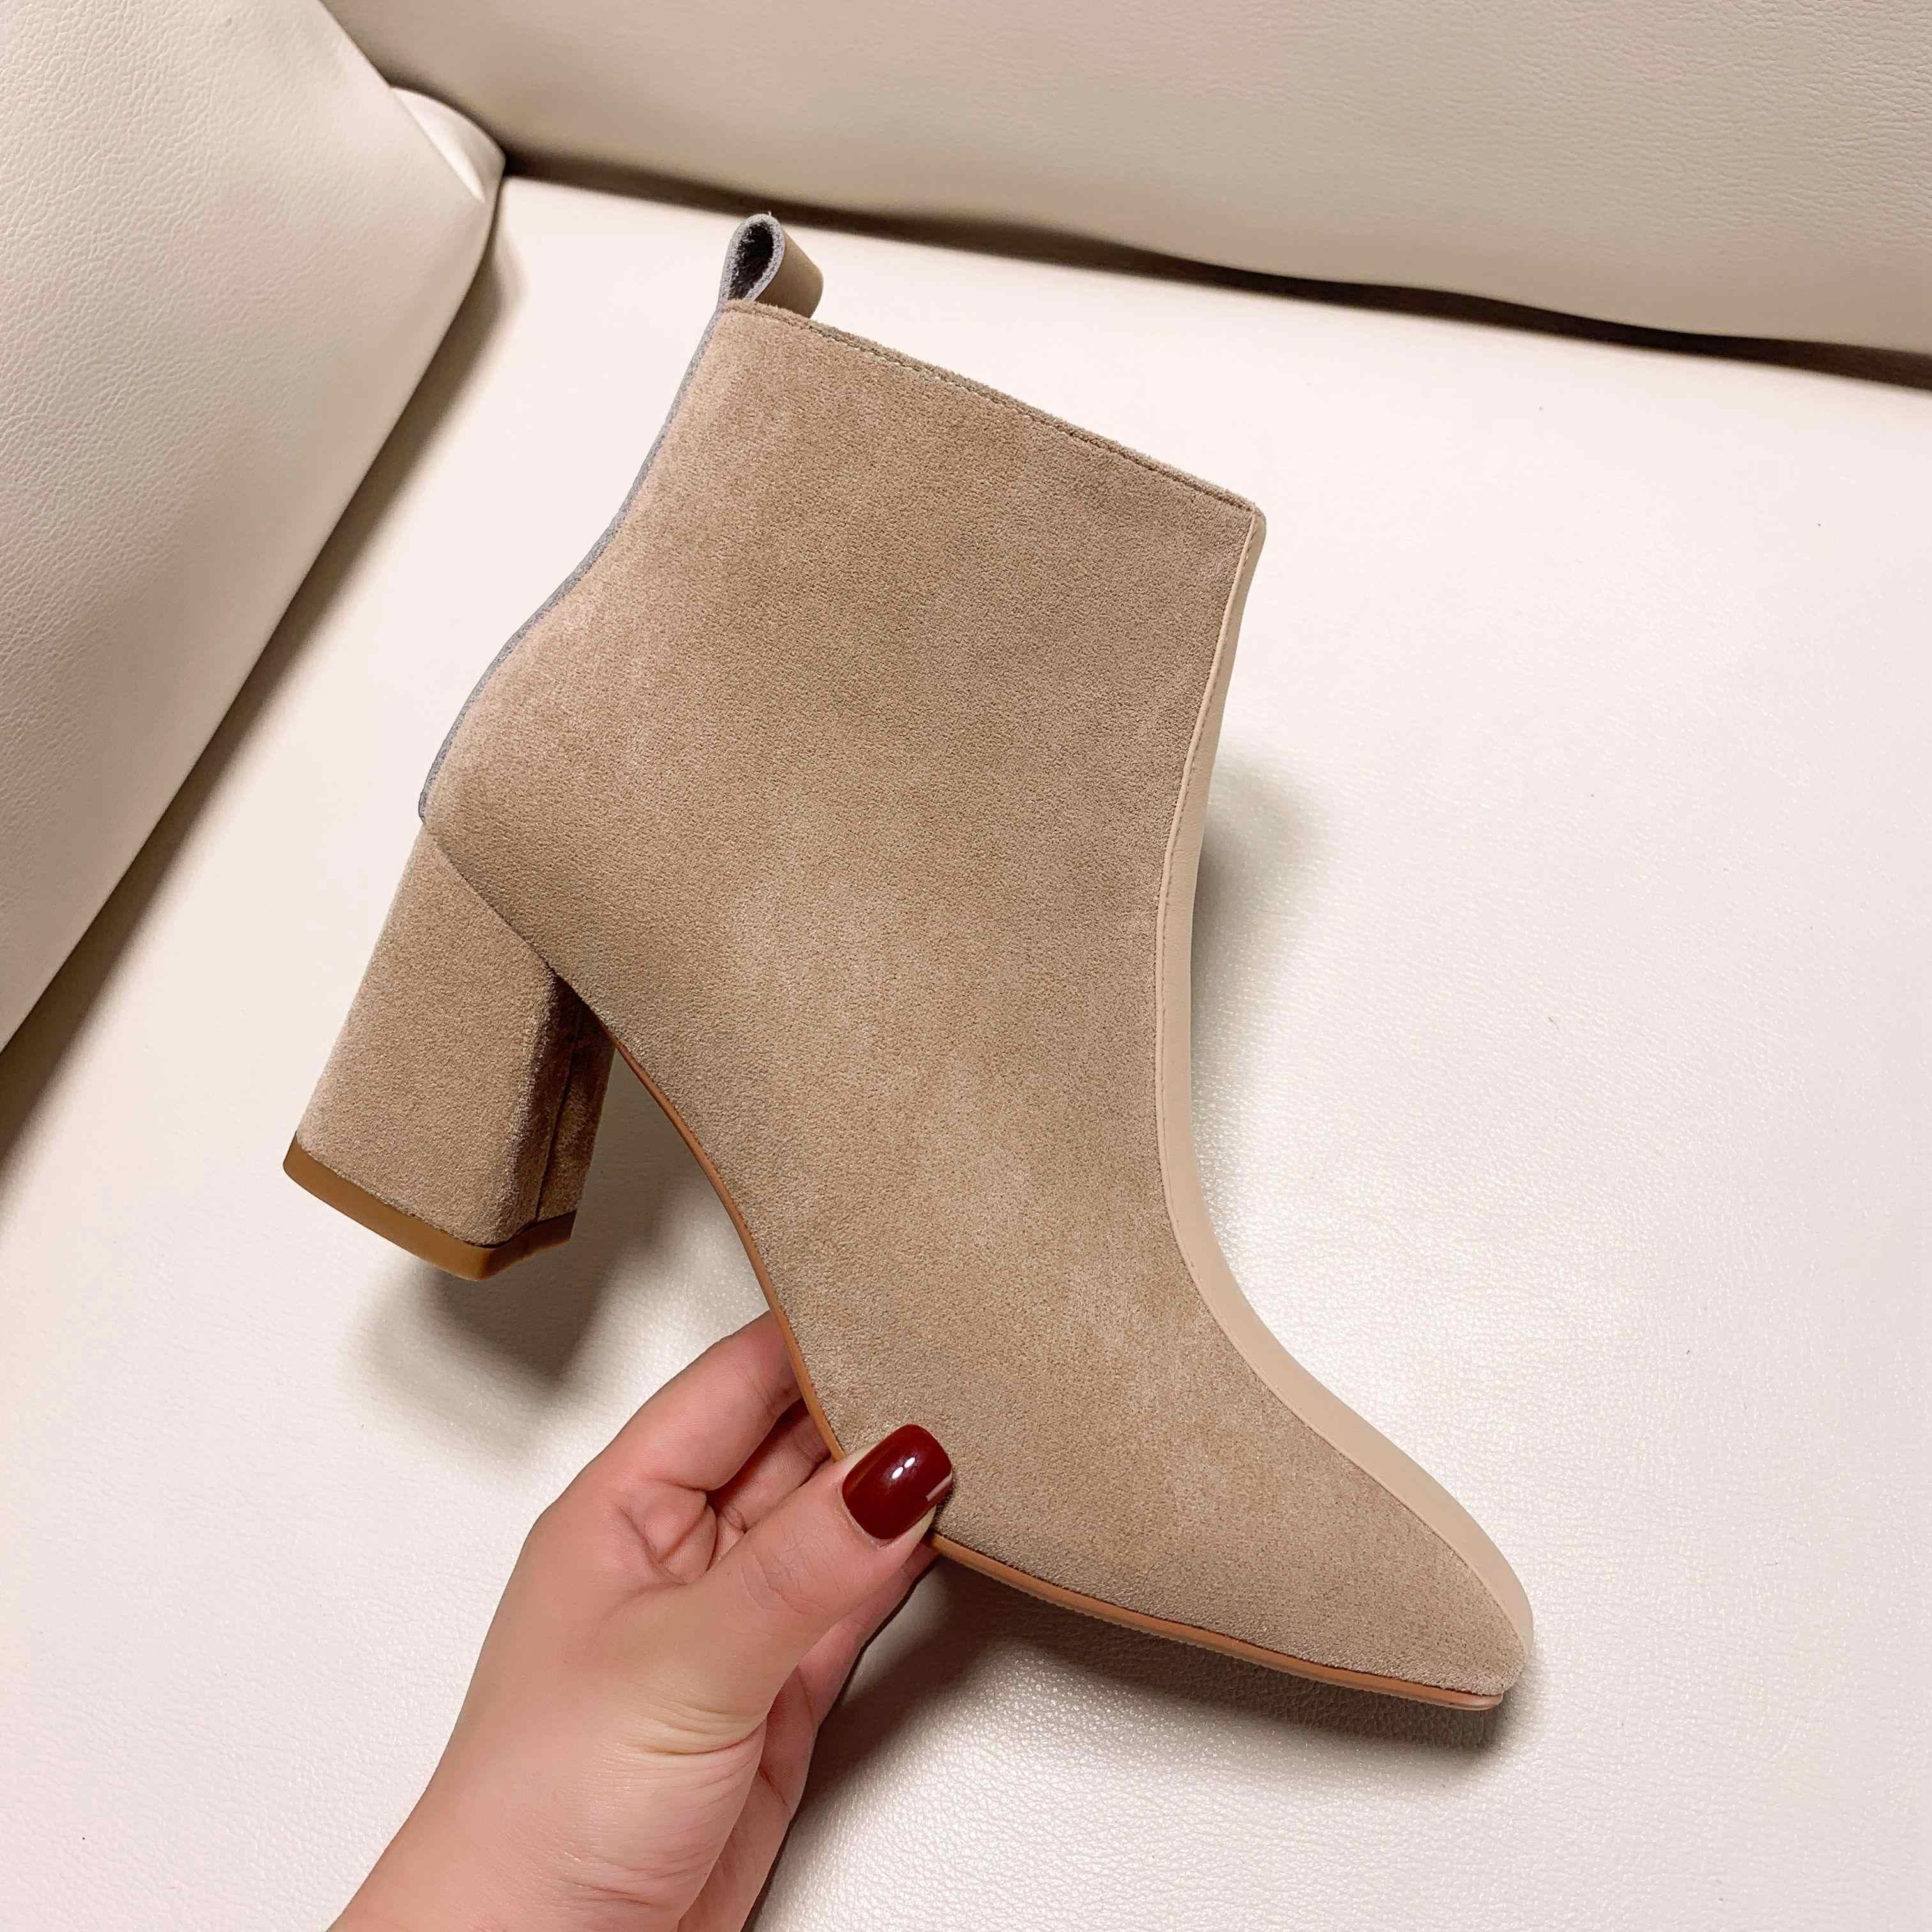 2020 yüksek kaliteli akın kare ayak fermuar yüksek topuklu kadın yarım çizmeler katı pist tatlı ofis bayan sıcak kış ayakkabı tutmak l11